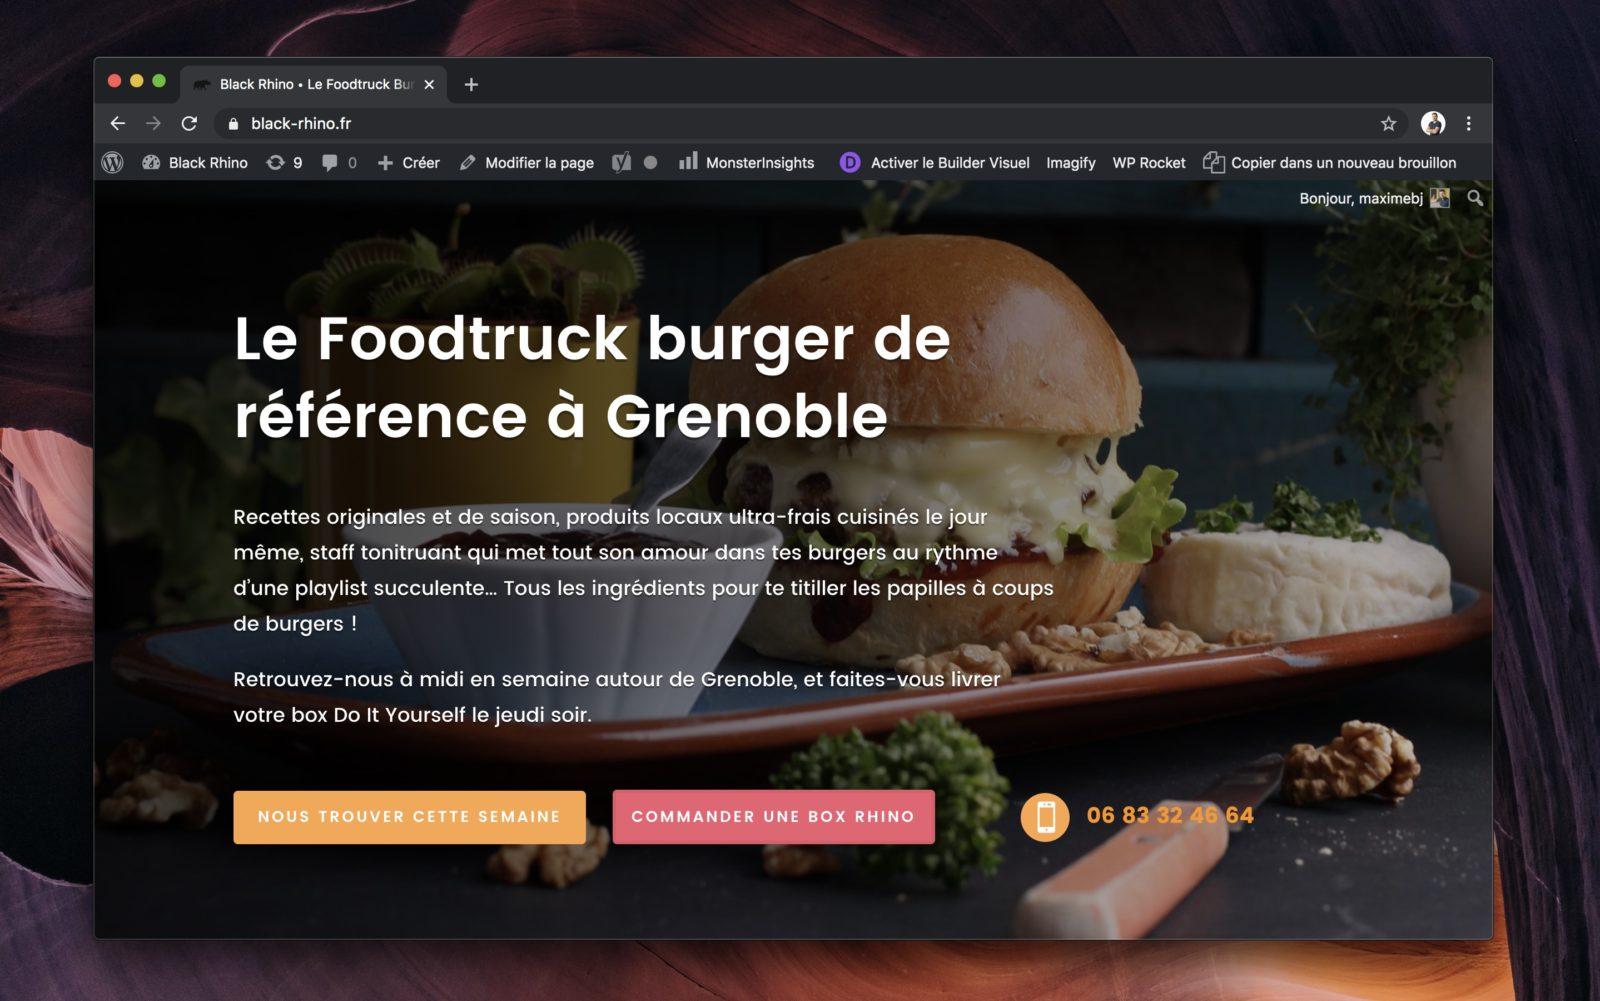 Capture d'écran de la page d'accueil du site Black Rhino